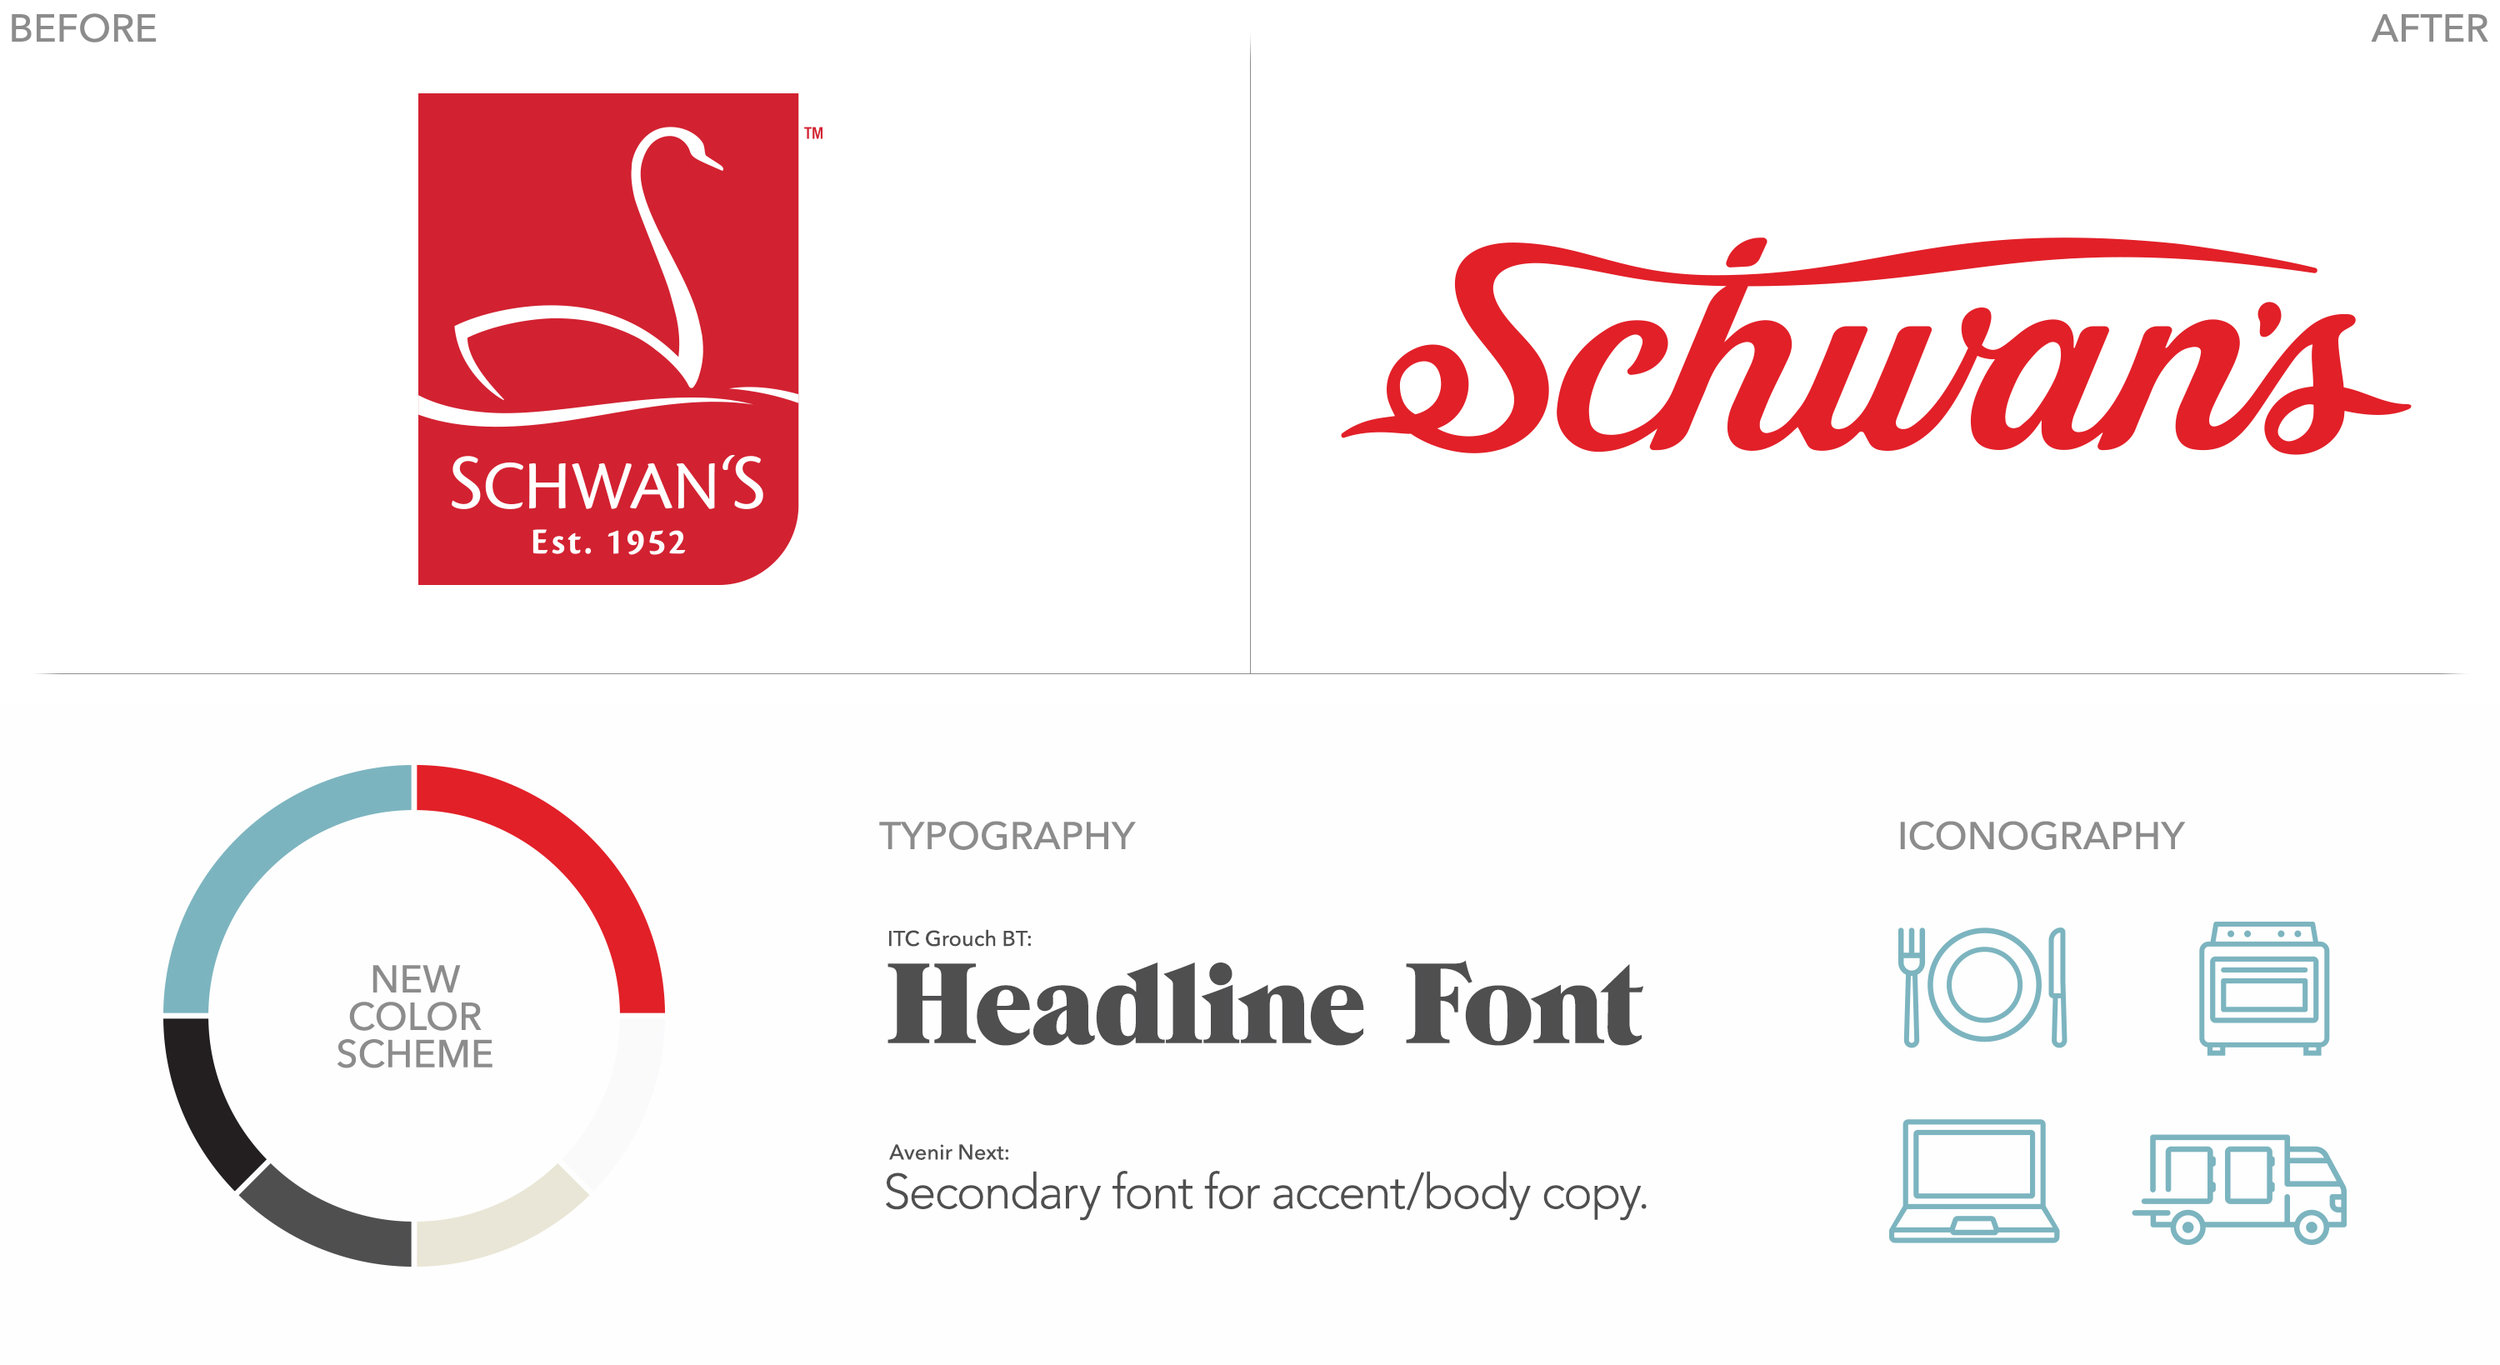 Schwans-Logo-BeforeAfter-02.jpg